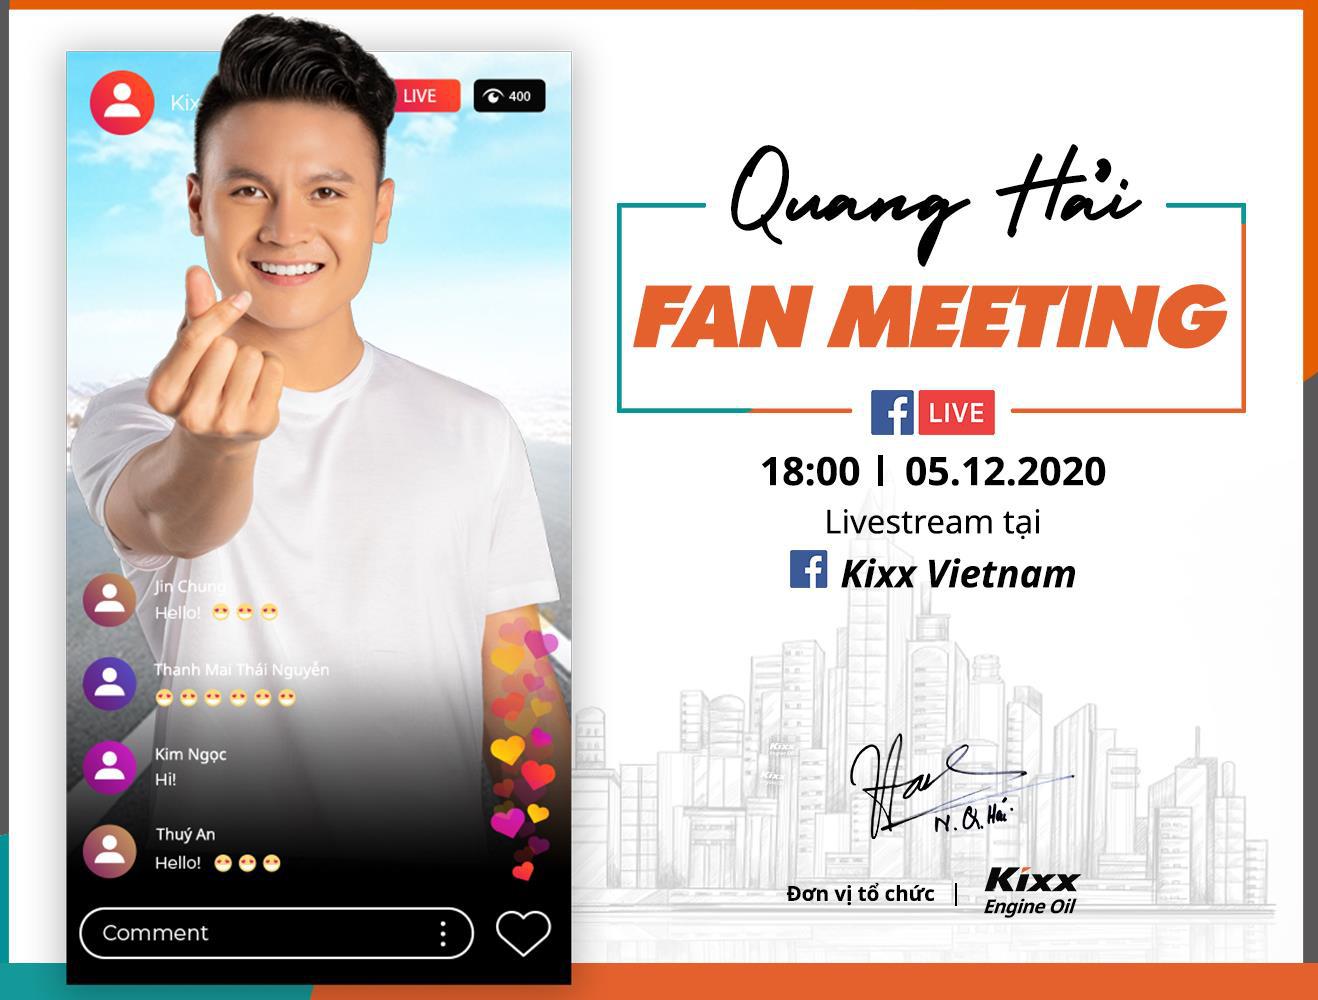 Quang Hải tổ chức fan meeting - Đón xem livestream toàn bộ chương trình trên page Kixx Việt Nam - Ảnh 1.